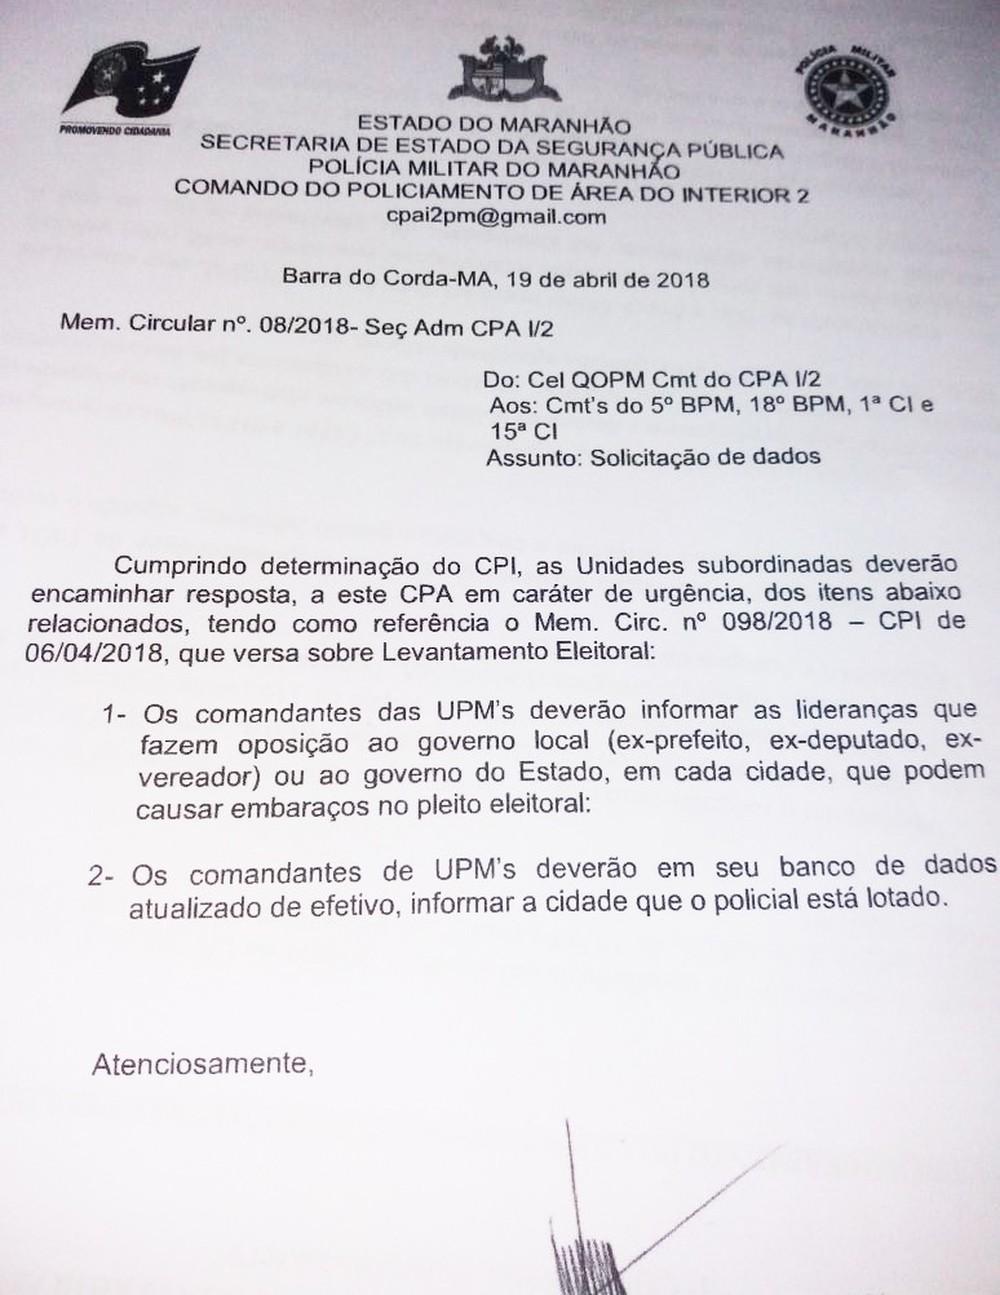 Fantástico mostra o escândalo do documento do governo que pede a espionagem de políticos do MA pela PM